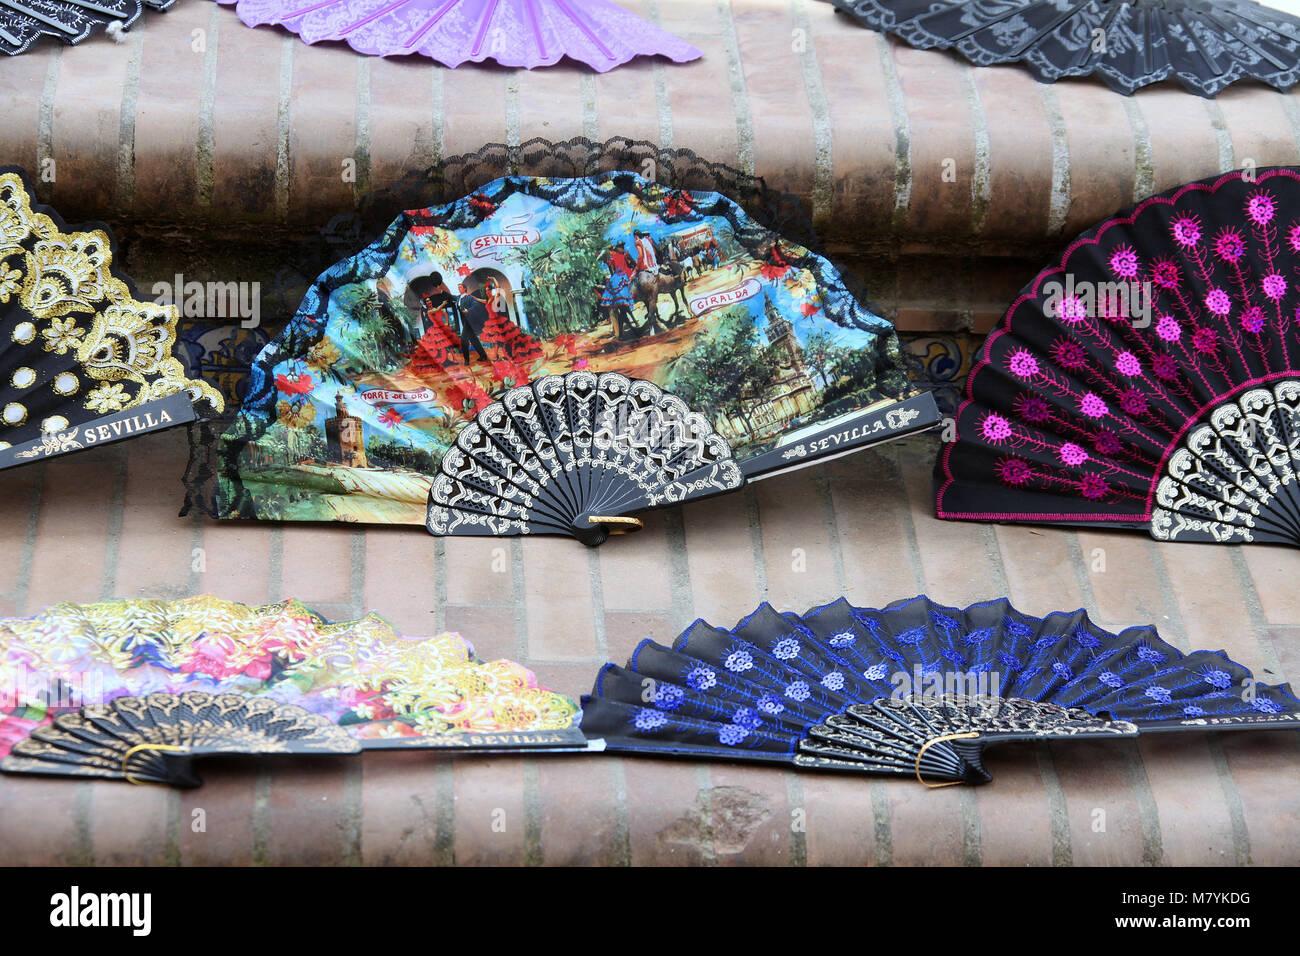 Souvenir fans on the steps of the bridge at Plaza de Espana - Stock Image